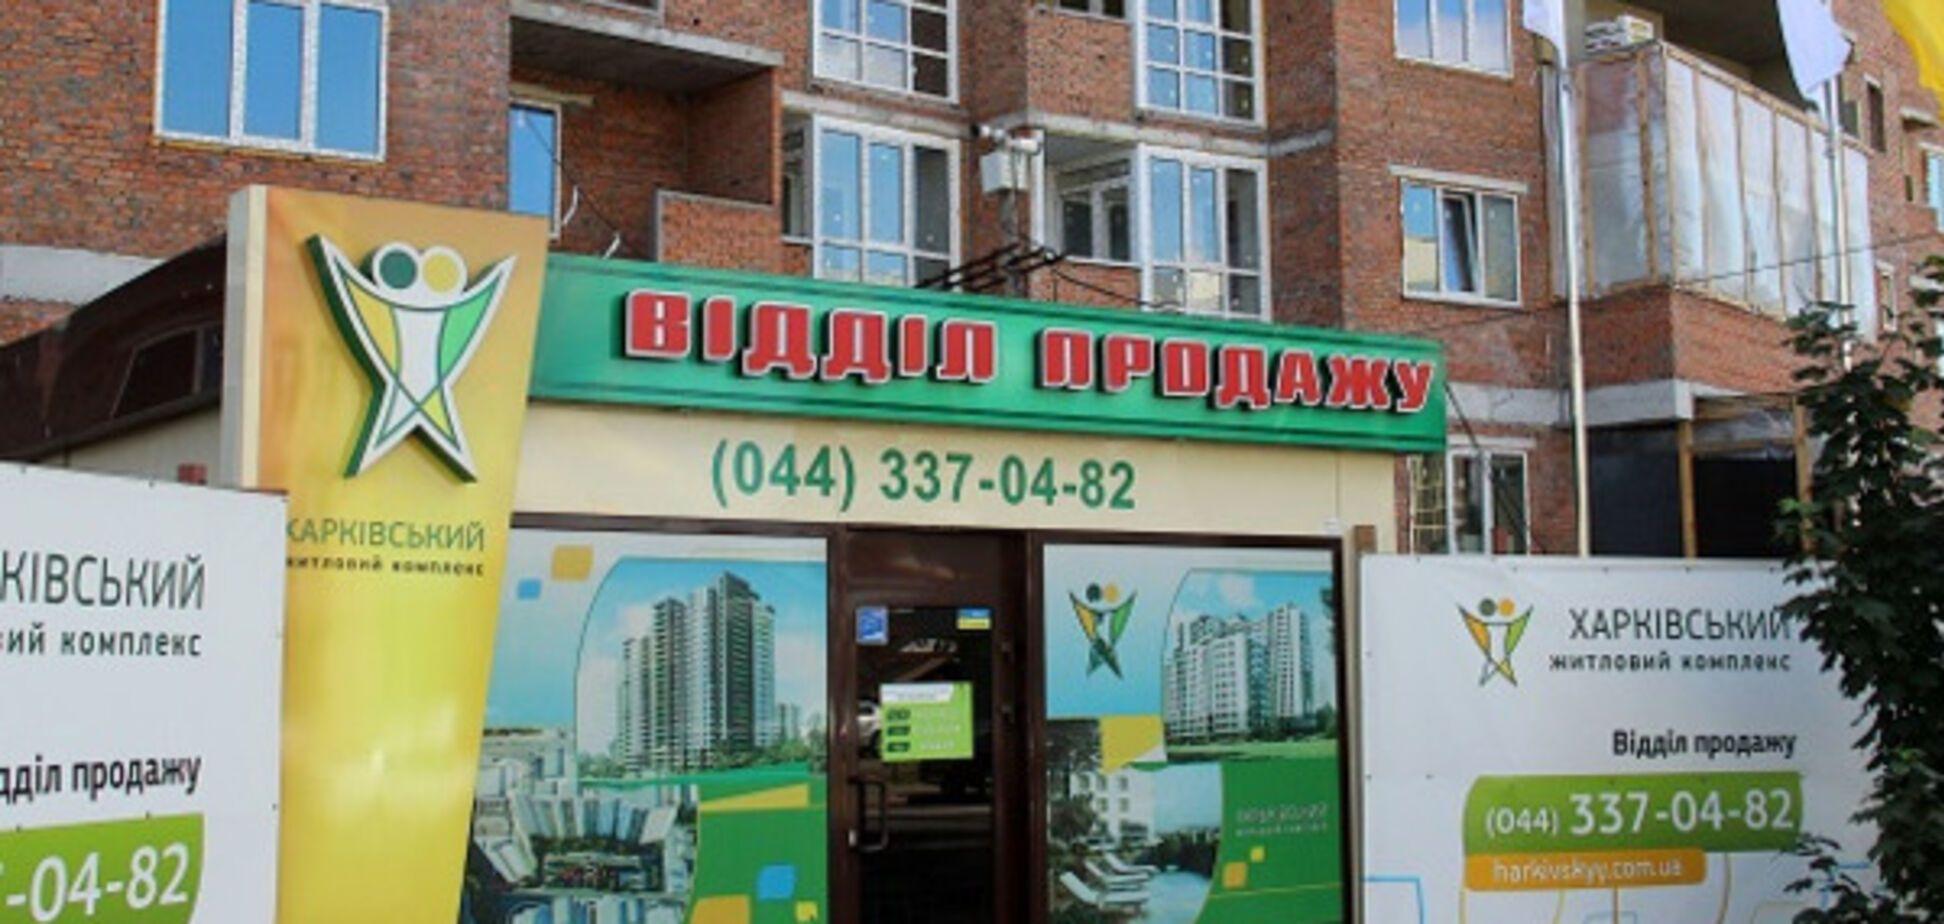 Эксперты объяснили, как киевские застройщики привлекают клиентов